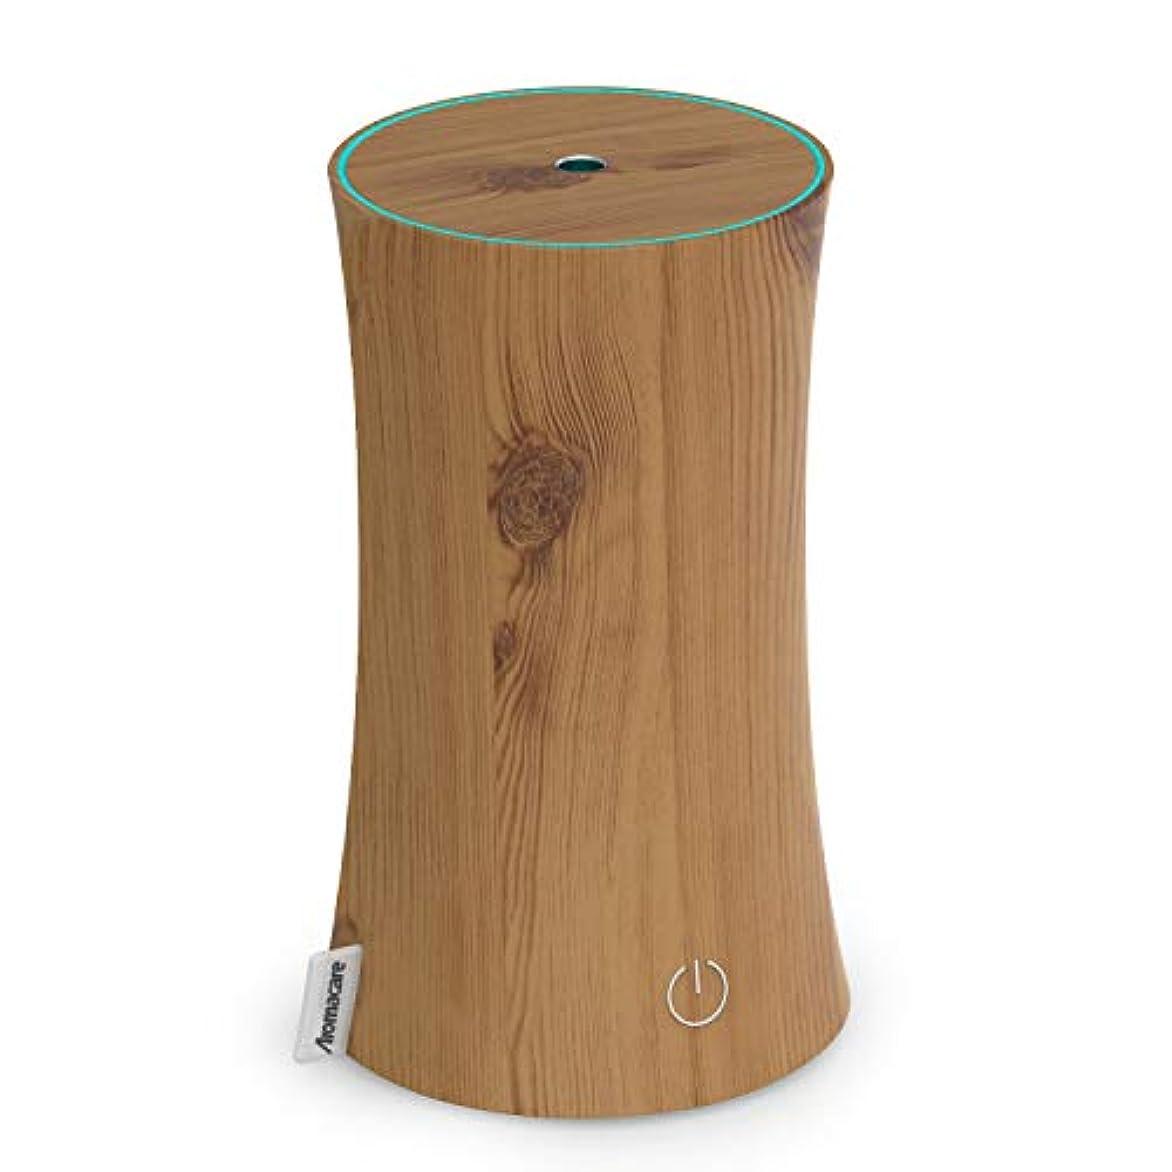 モニカ自動化頂点アロマディフューザー 卓上加湿器 センサー付き 超音波式 空焚き防止 低騒音 300ml 連続運転 各場所用 省エネ 木目調 木の色